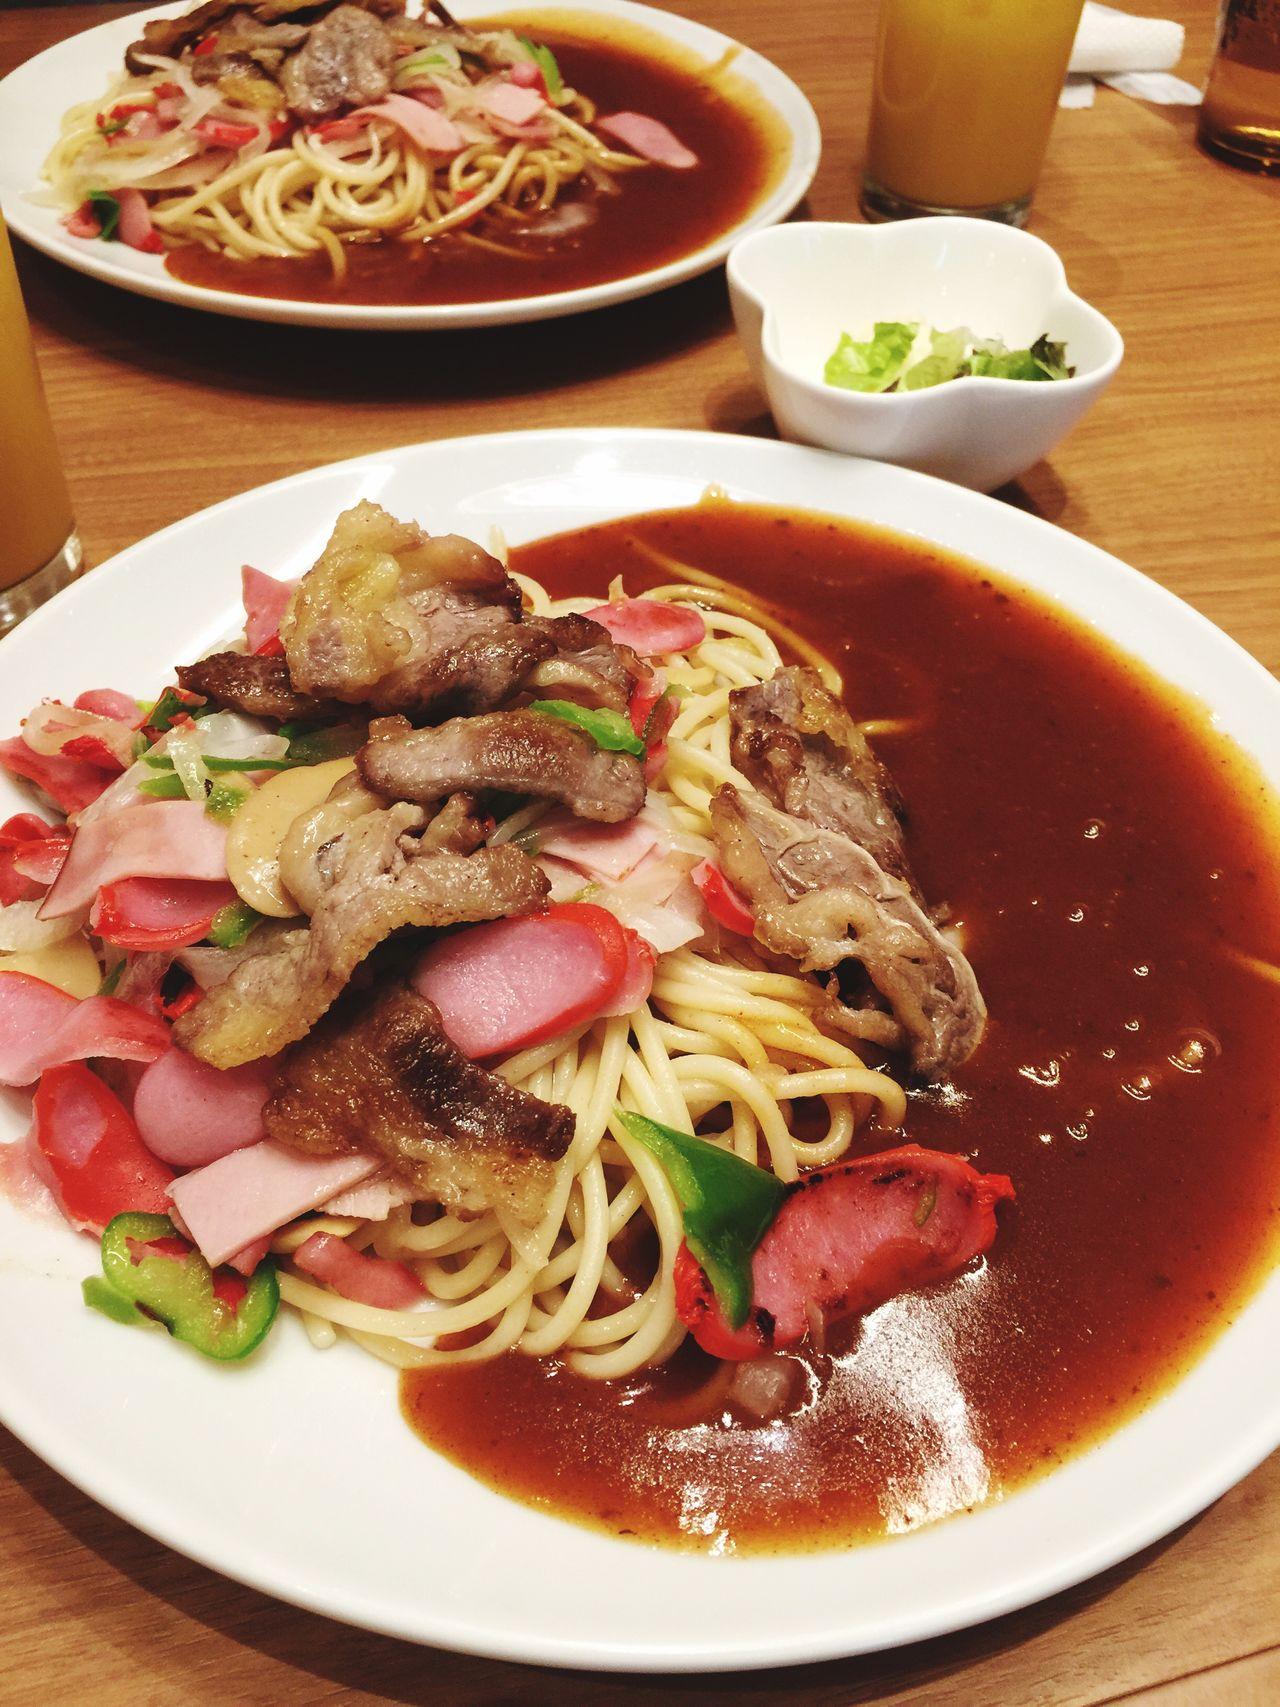 名古屋飯 Food And Drink Ready-to-eat Food Serving Size Freshness Plate Healthy Eating Table Indoors  Noodles Still Life Bowl Meal No People Vegetable Meat Close-up Soup SLICE Garnish あんかけスパ ミラカン ヨコイ